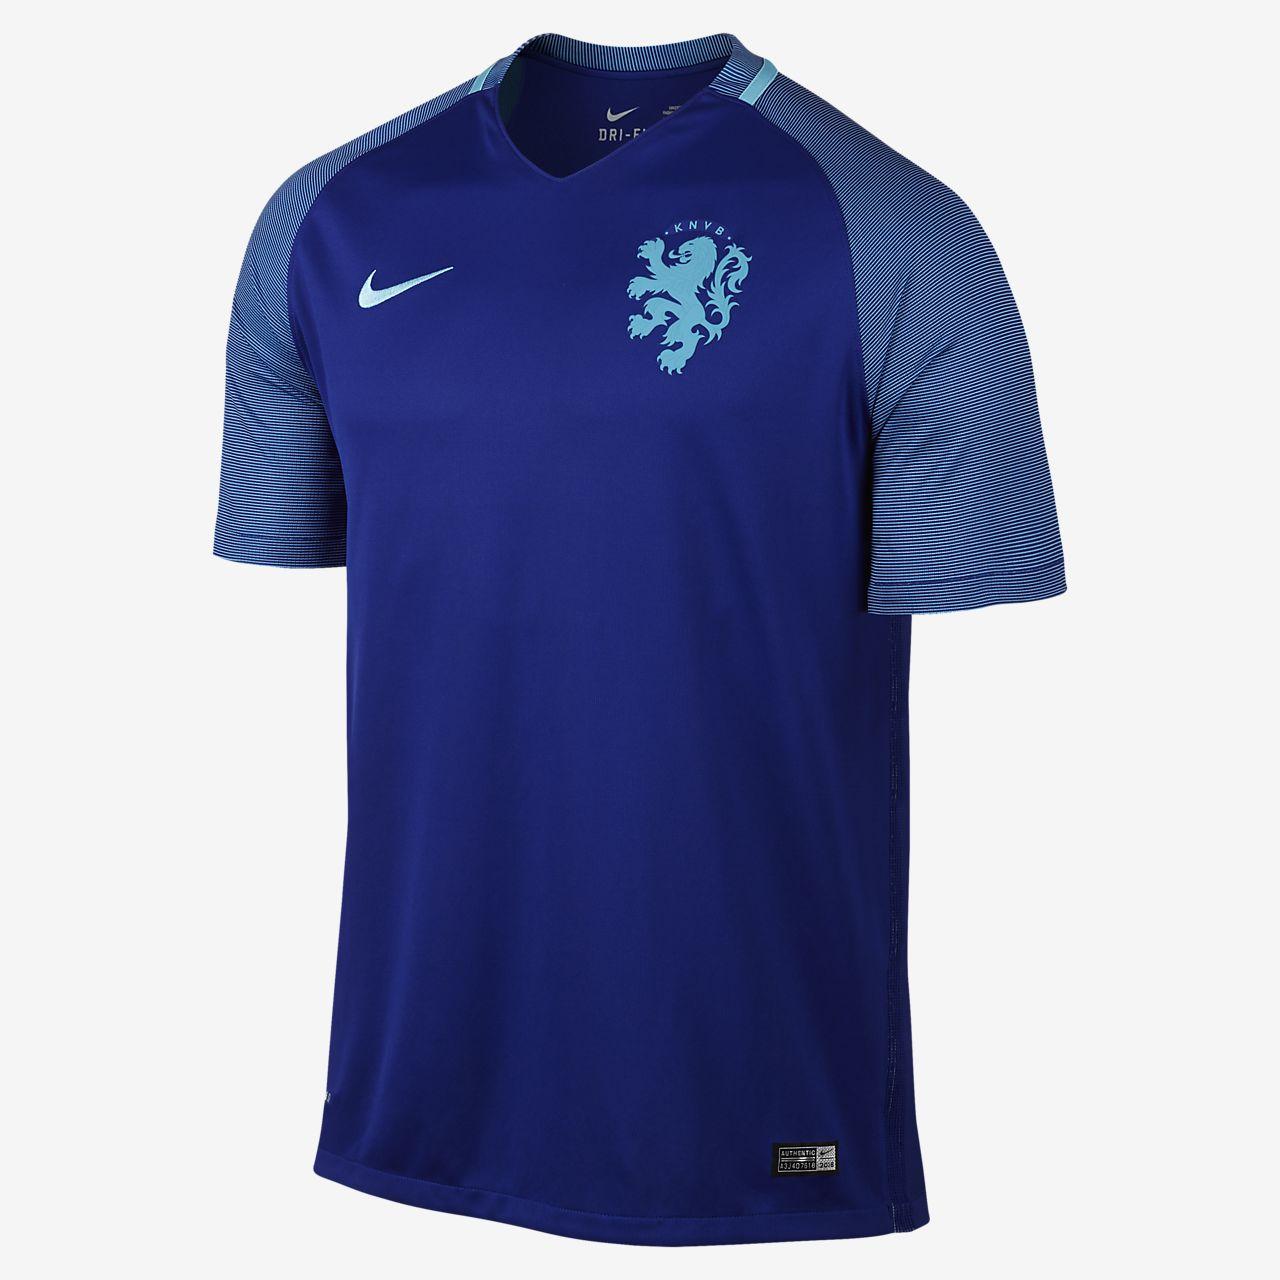 2016 赛季荷兰队客场男子足球球迷服